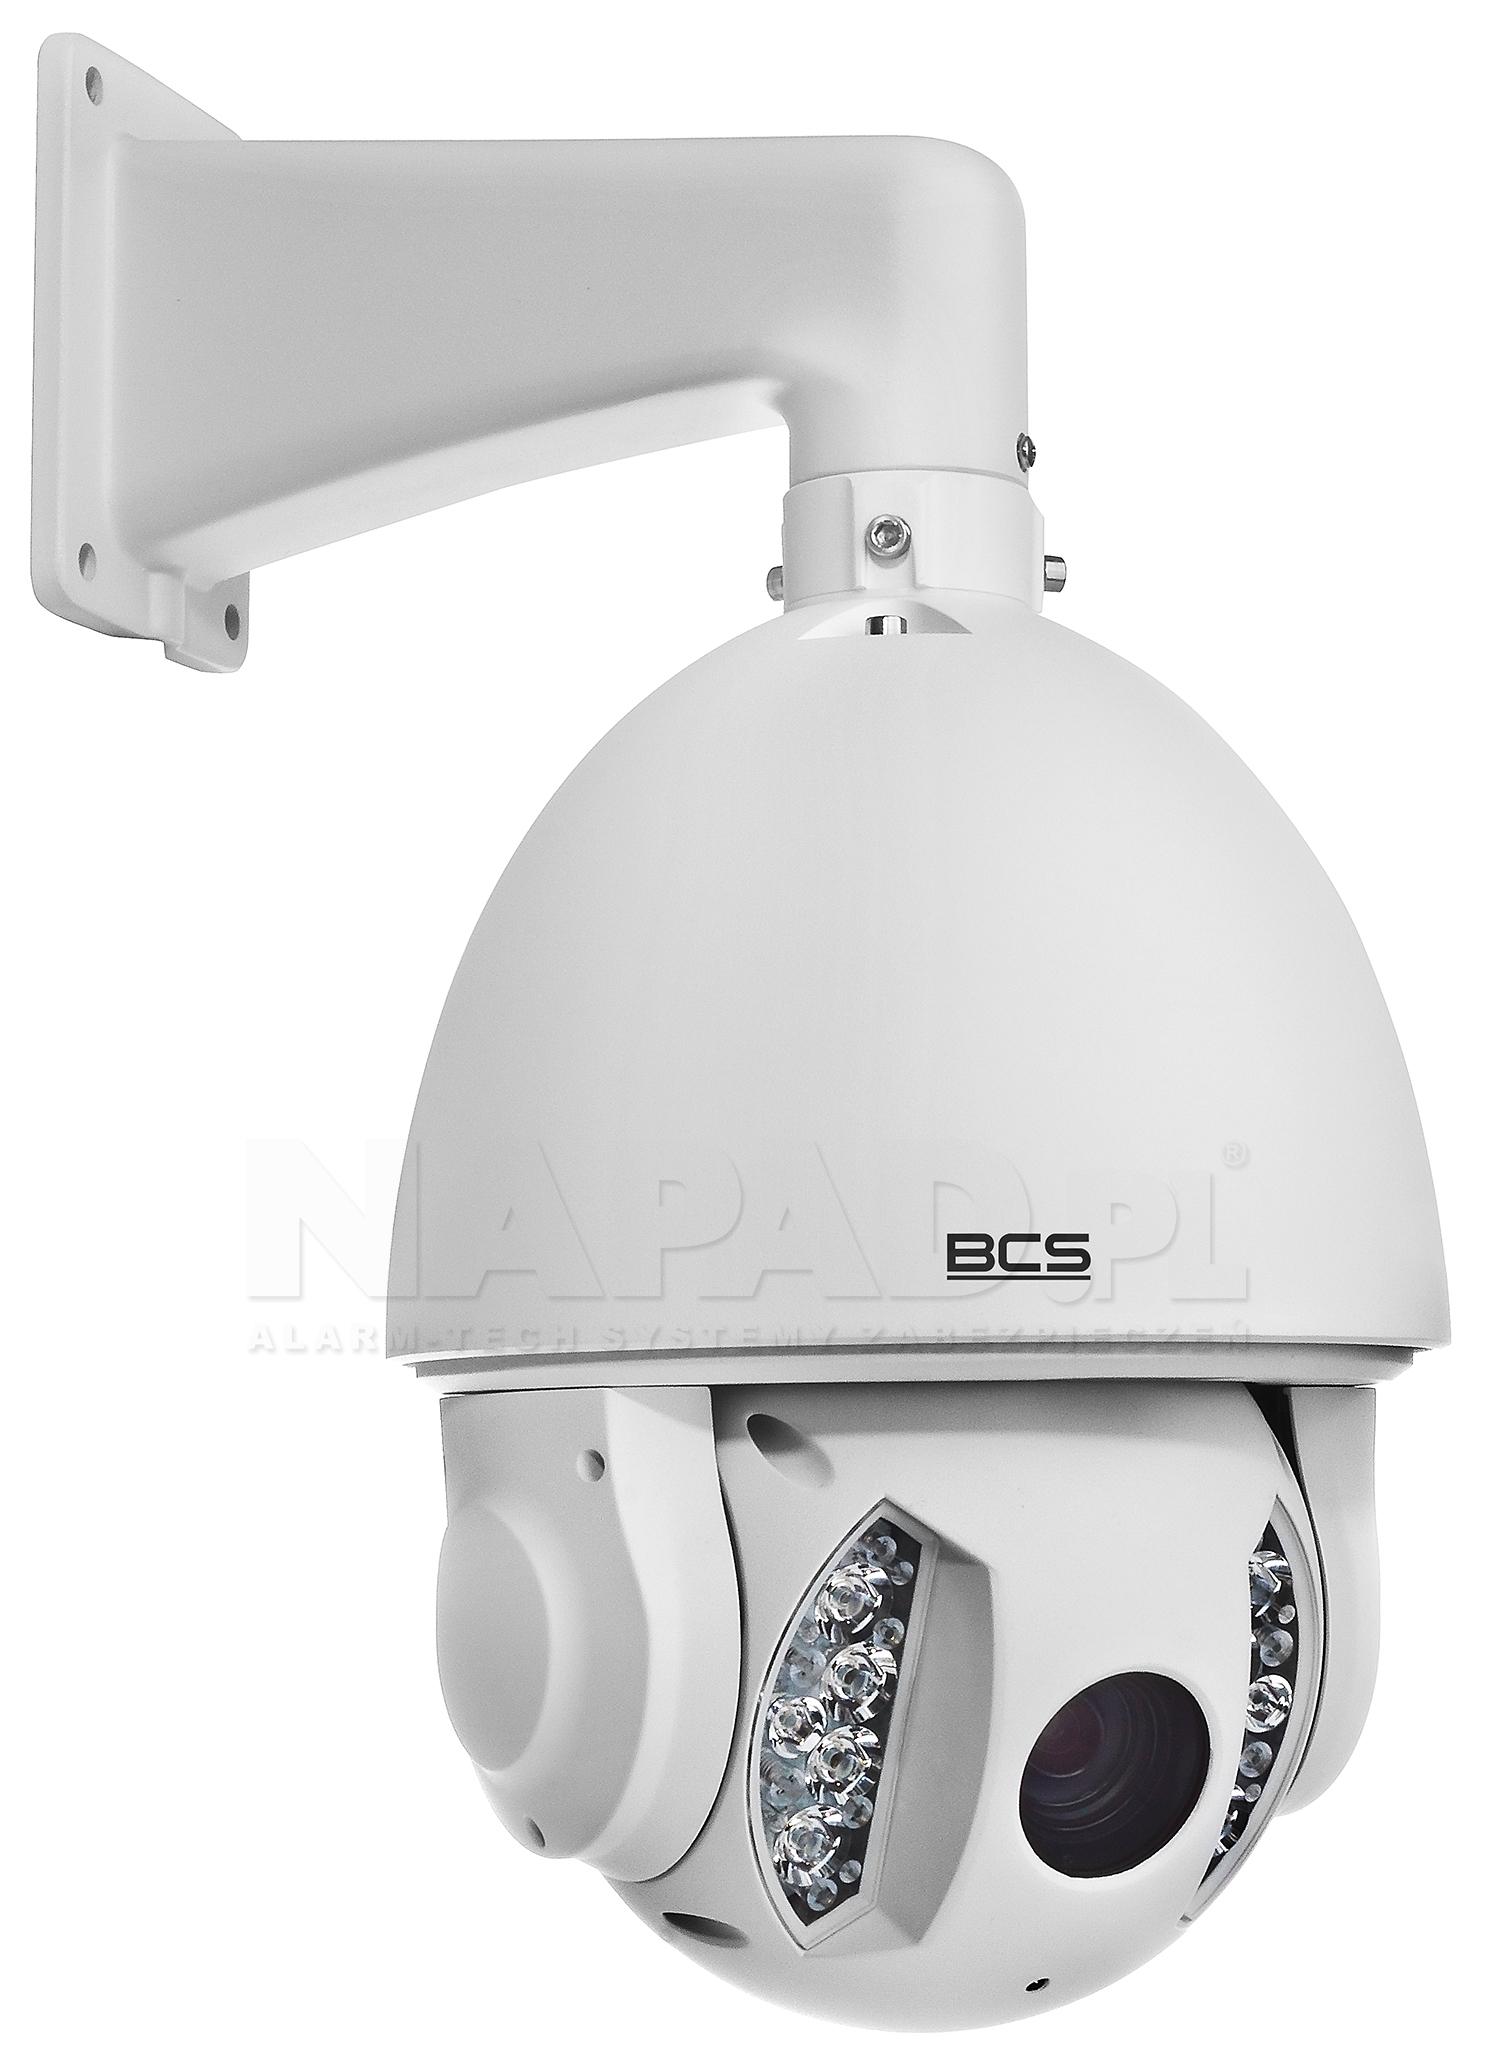 Kamera HD-CVI 2Mpx BCS-SDHC8220